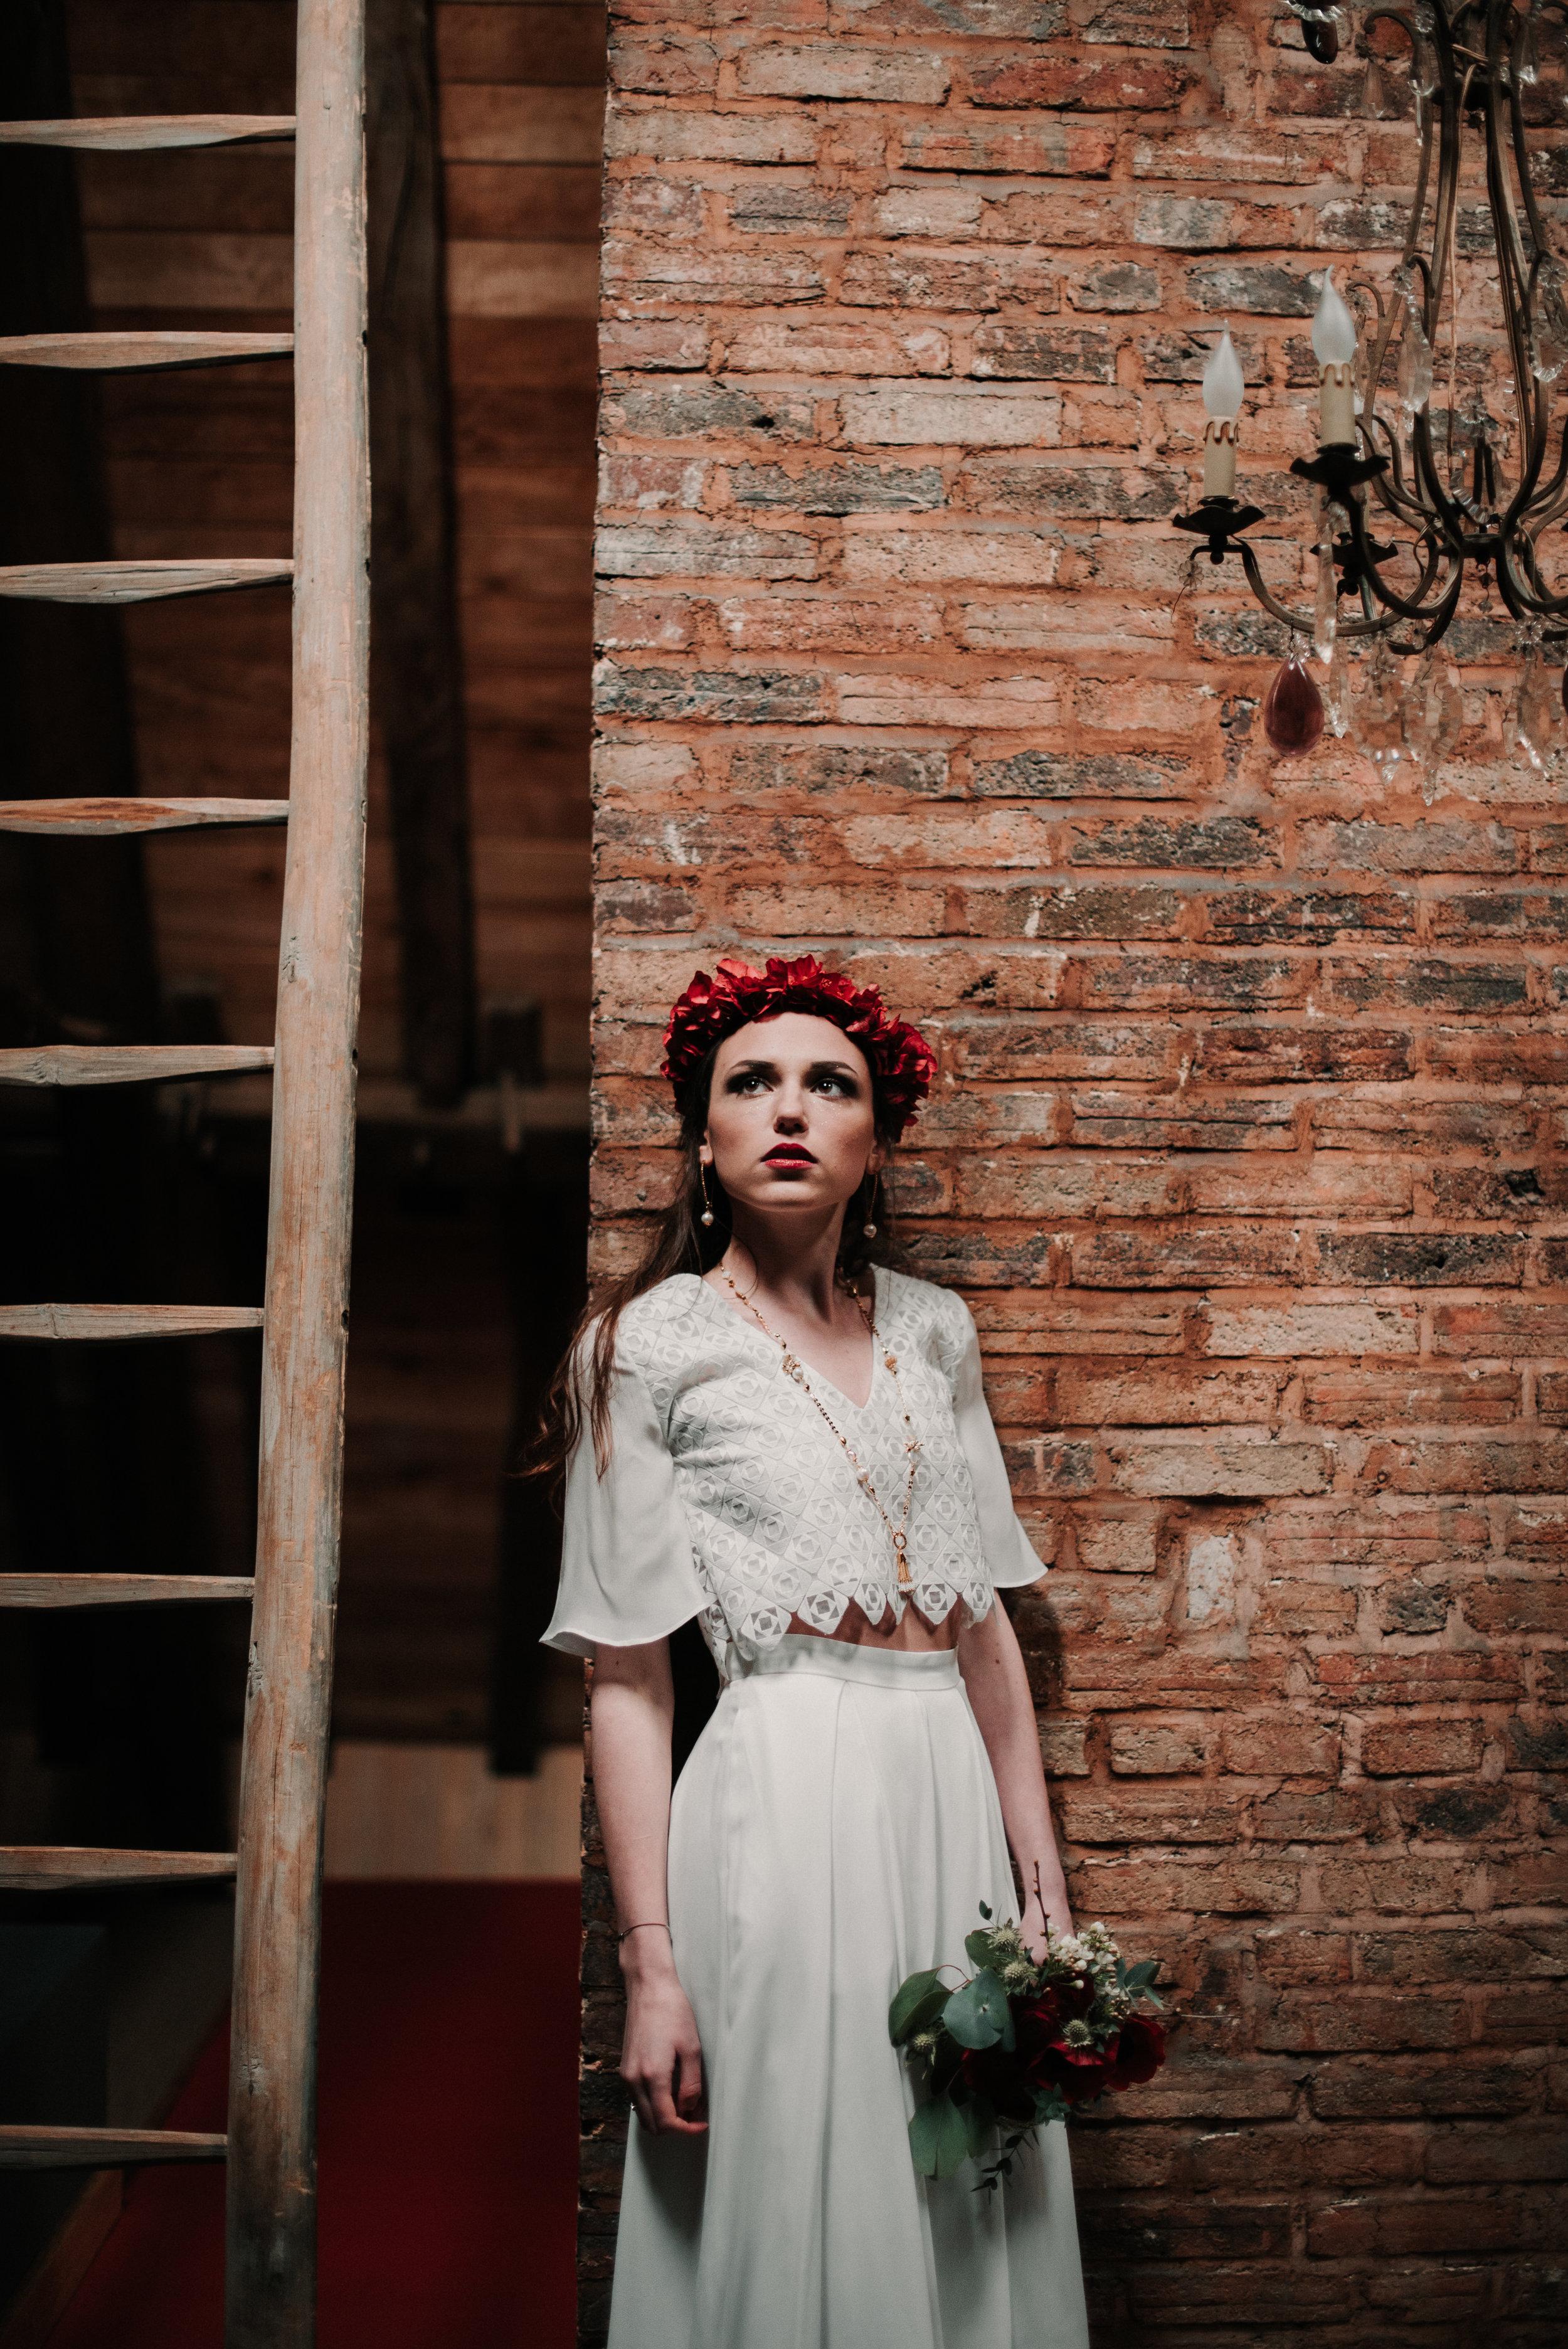 Léa-Fery-photographe-professionnel-lyon-rhone-alpes-portrait-creation-mariage-evenement-evenementiel-famille-3215.jpg